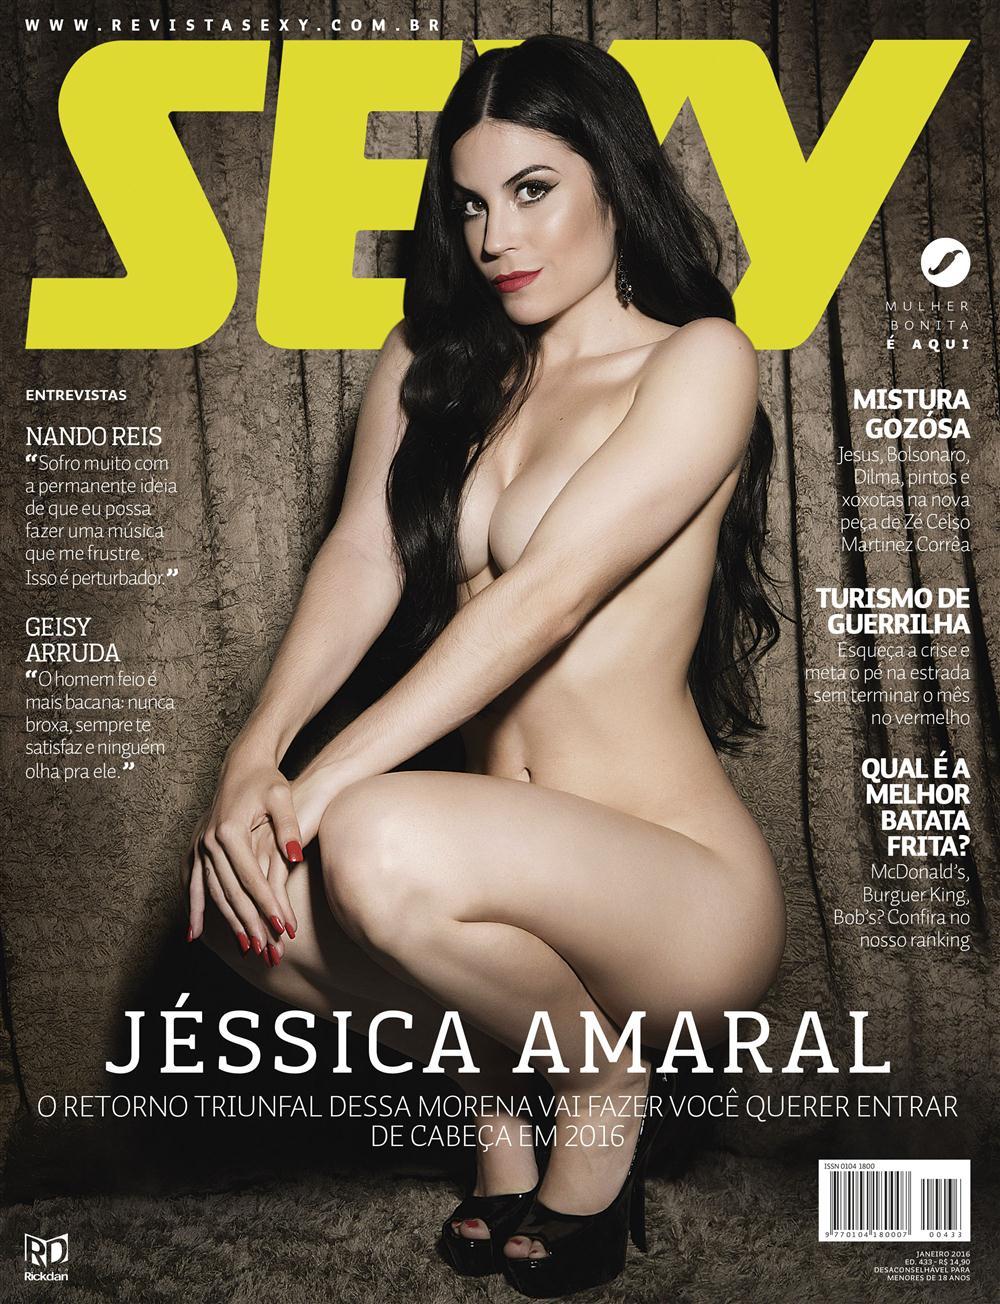 Jessica Amaral Nua na Revista Sexy de janeiro